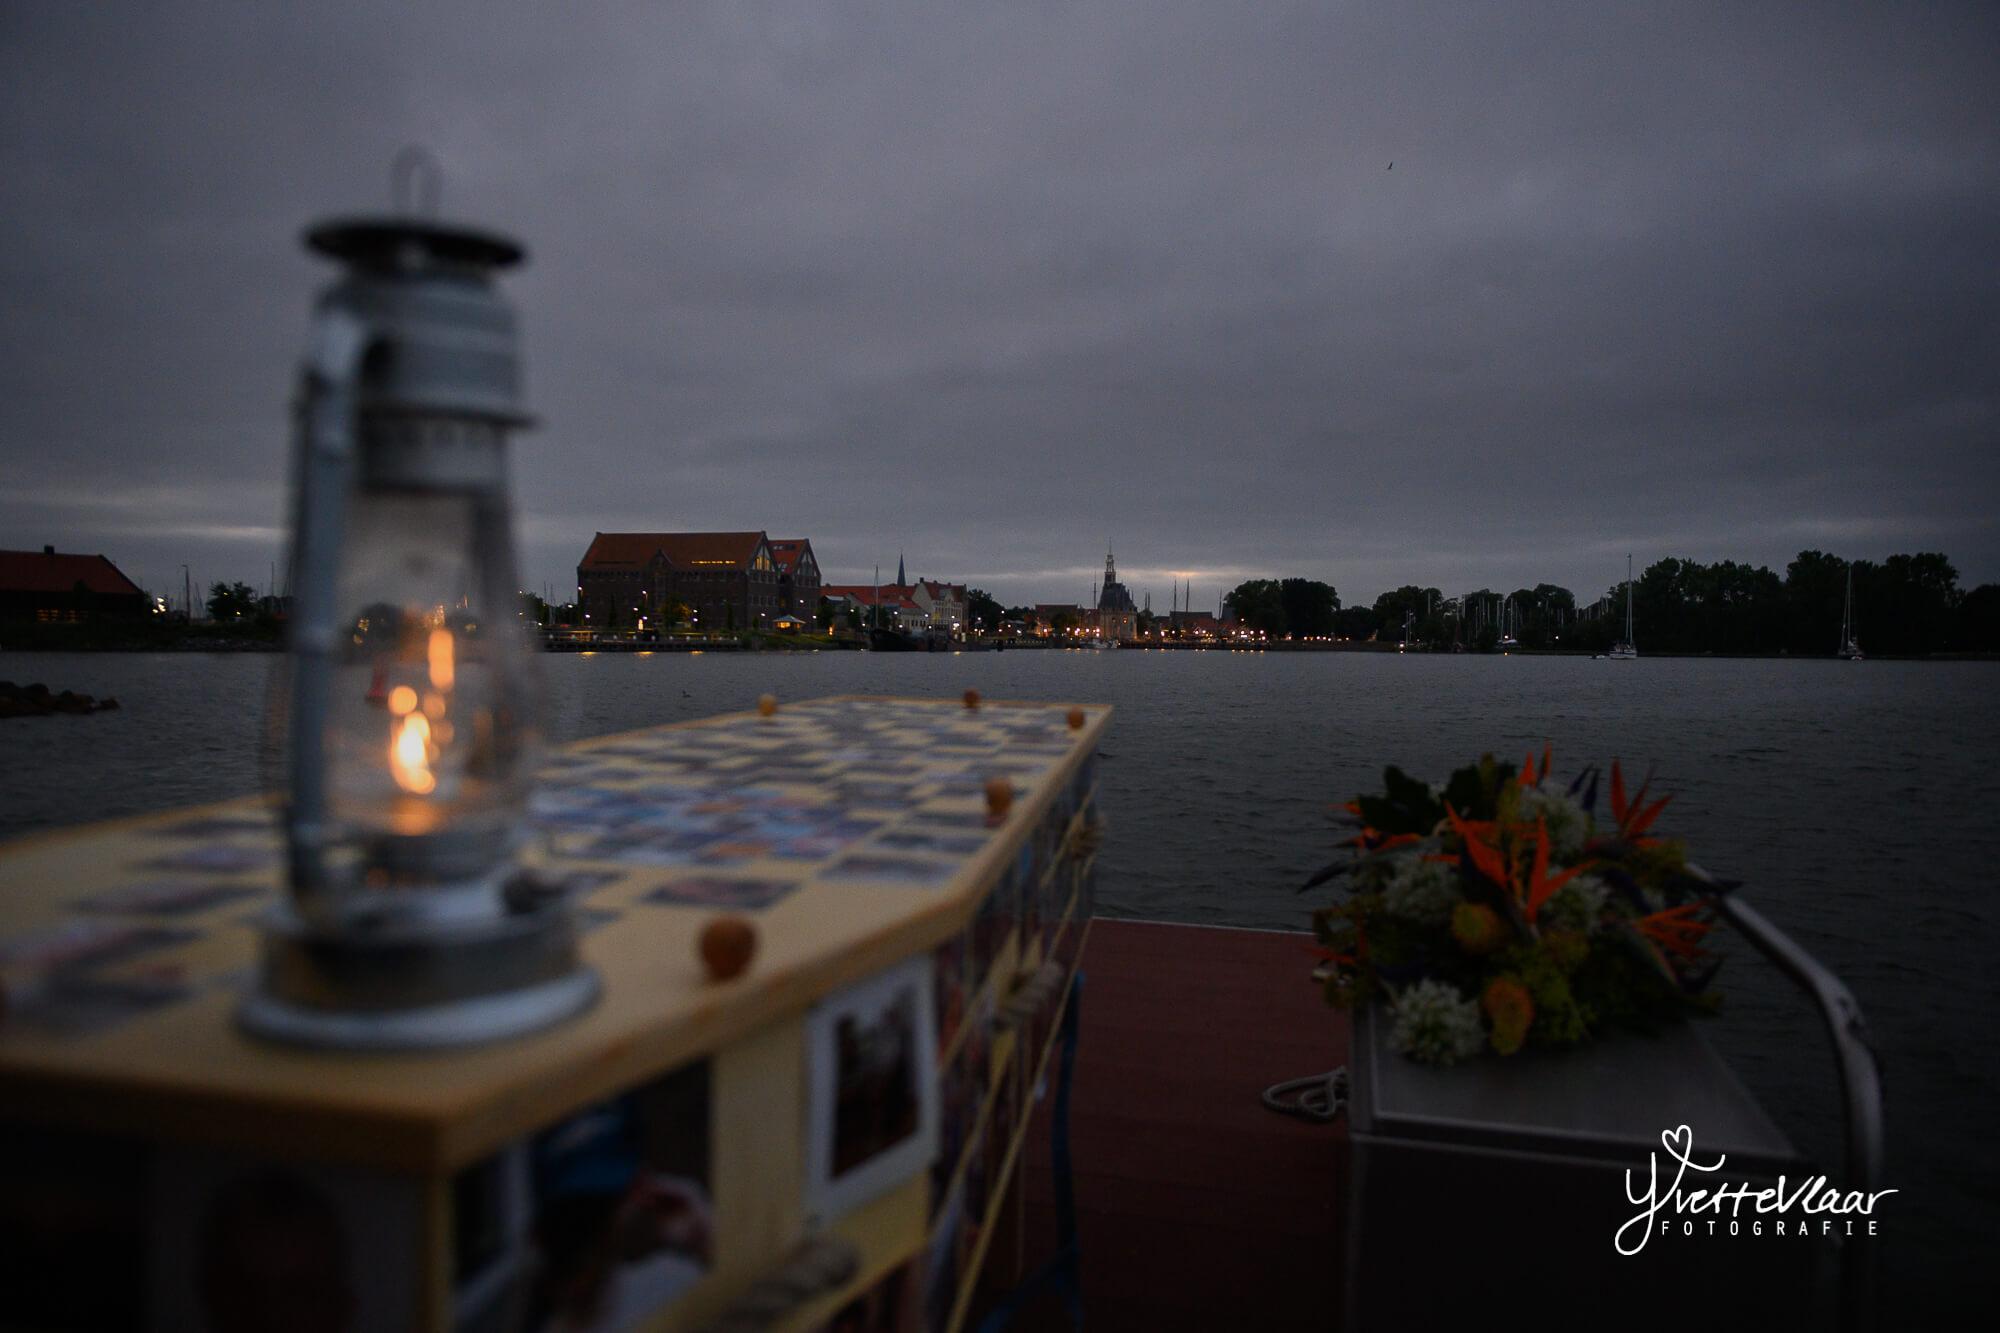 afscheidsfotografie-parkschouwburg-hoorn-uitvaart-010